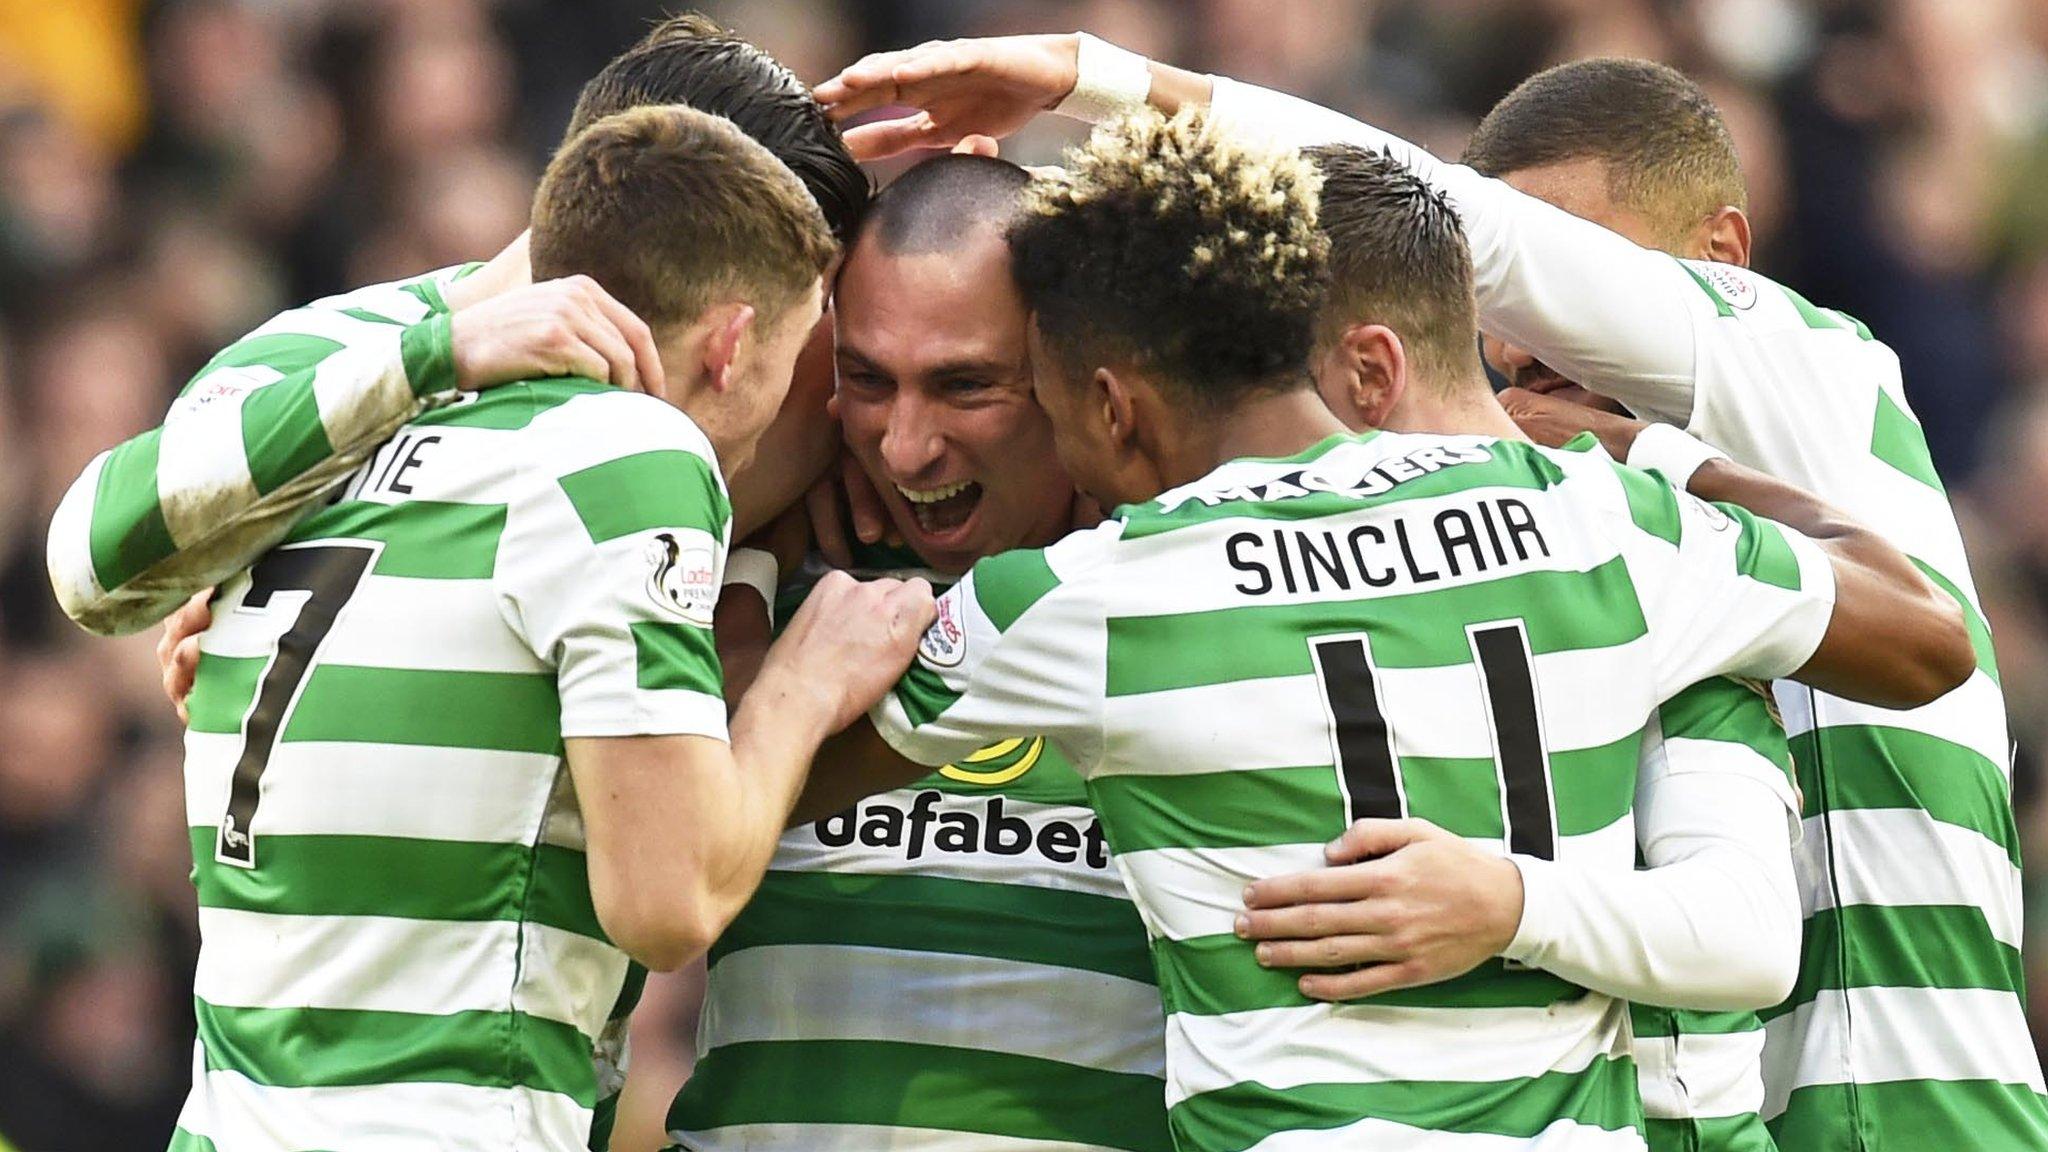 Celtic 5-0 St Johnstone: Scott Sinclair scores treble as holders reach quarters